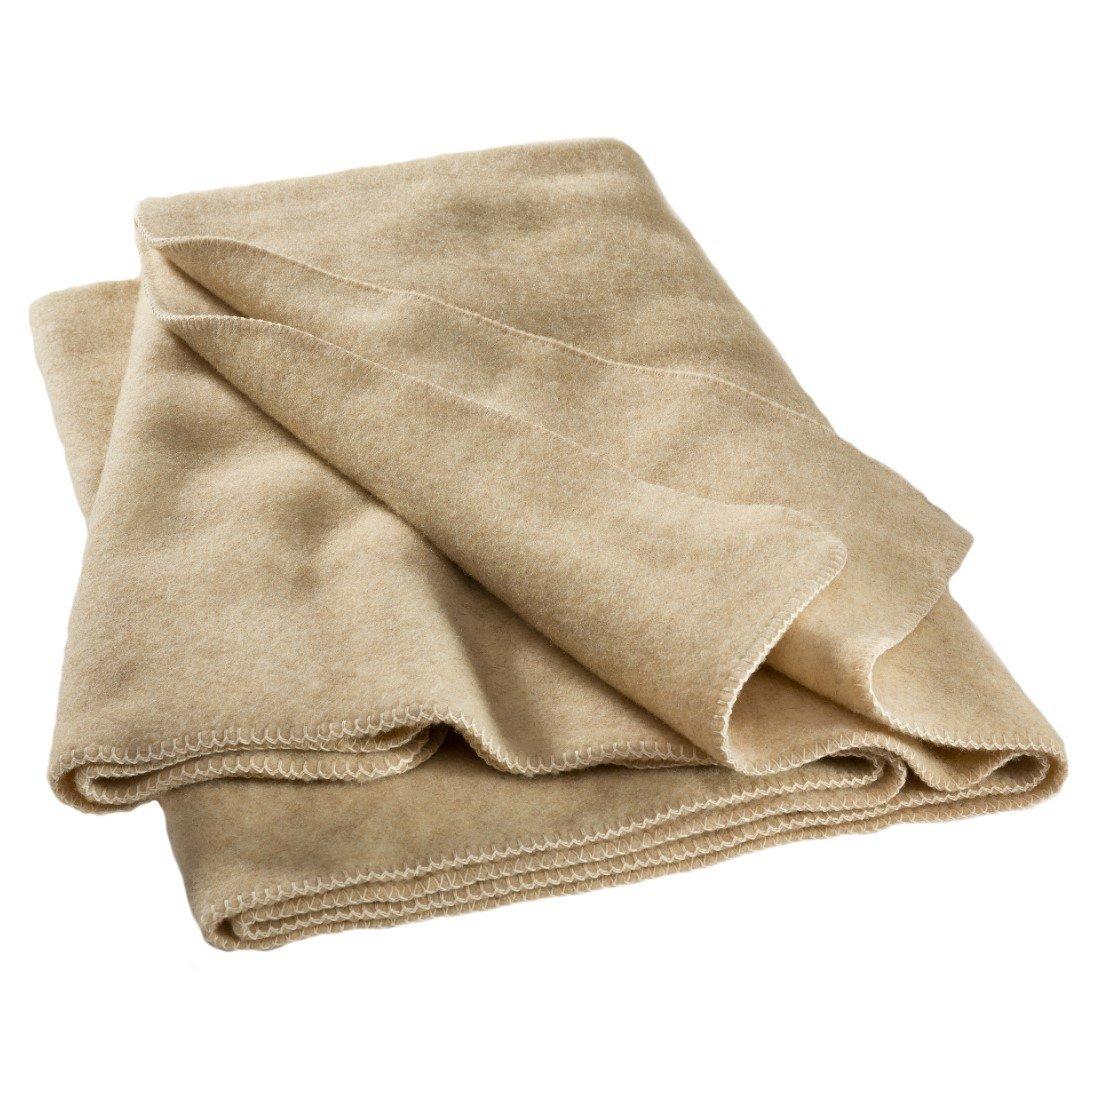 Coperta Pesante in 100% pura lana tedesca